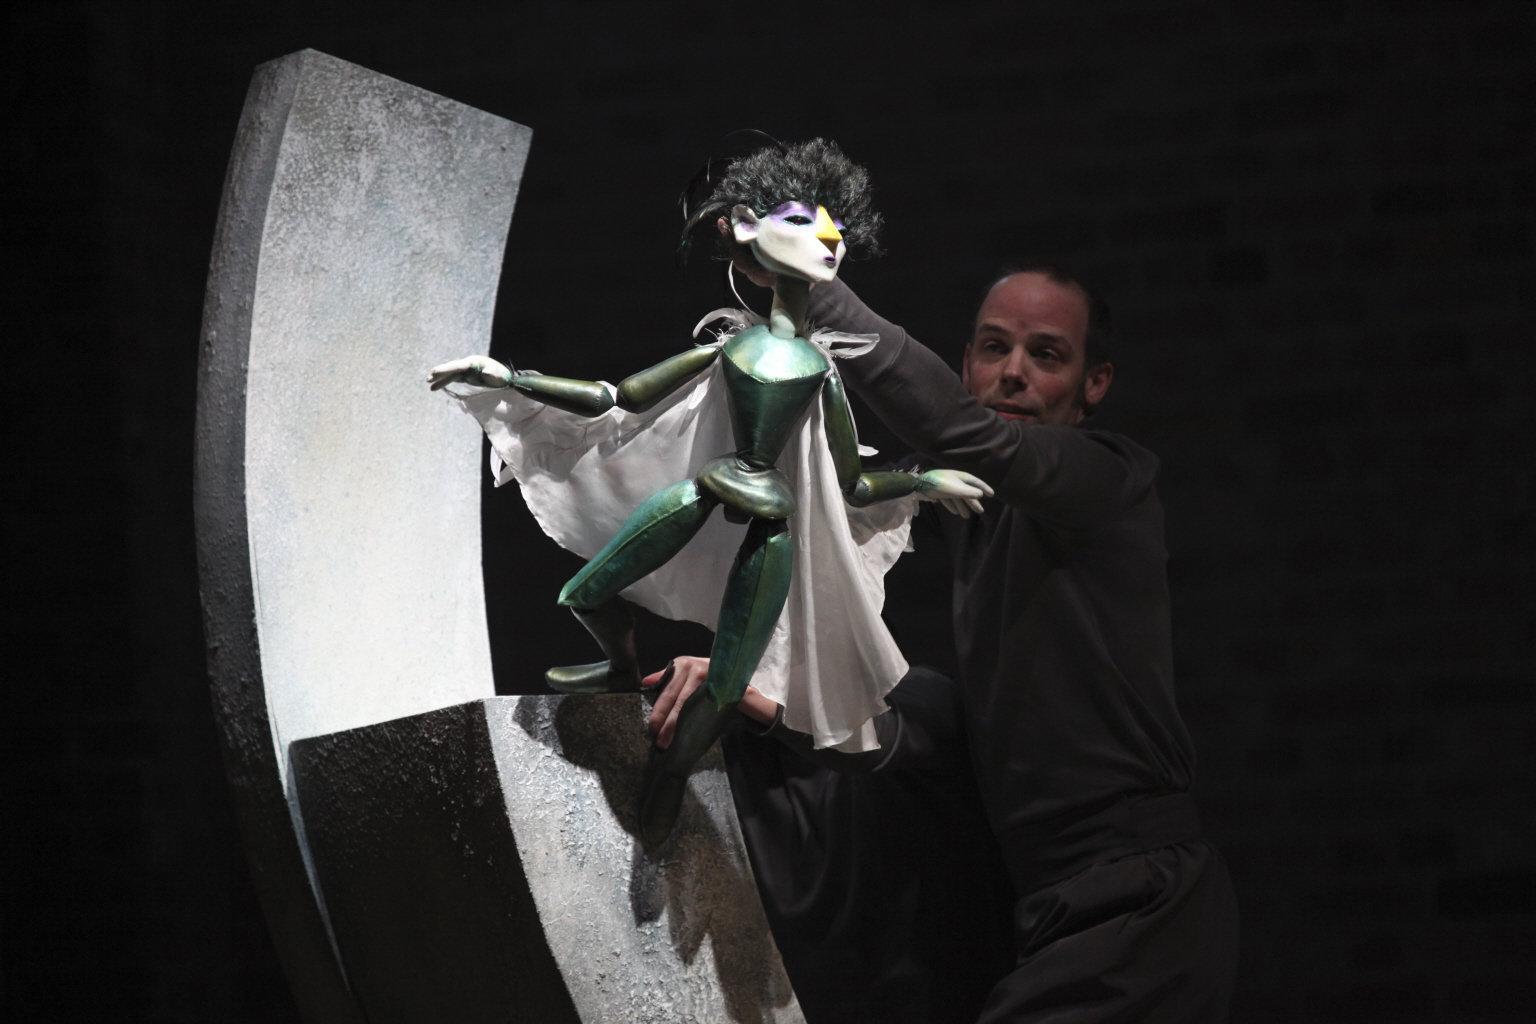 Ariel as a puppet.